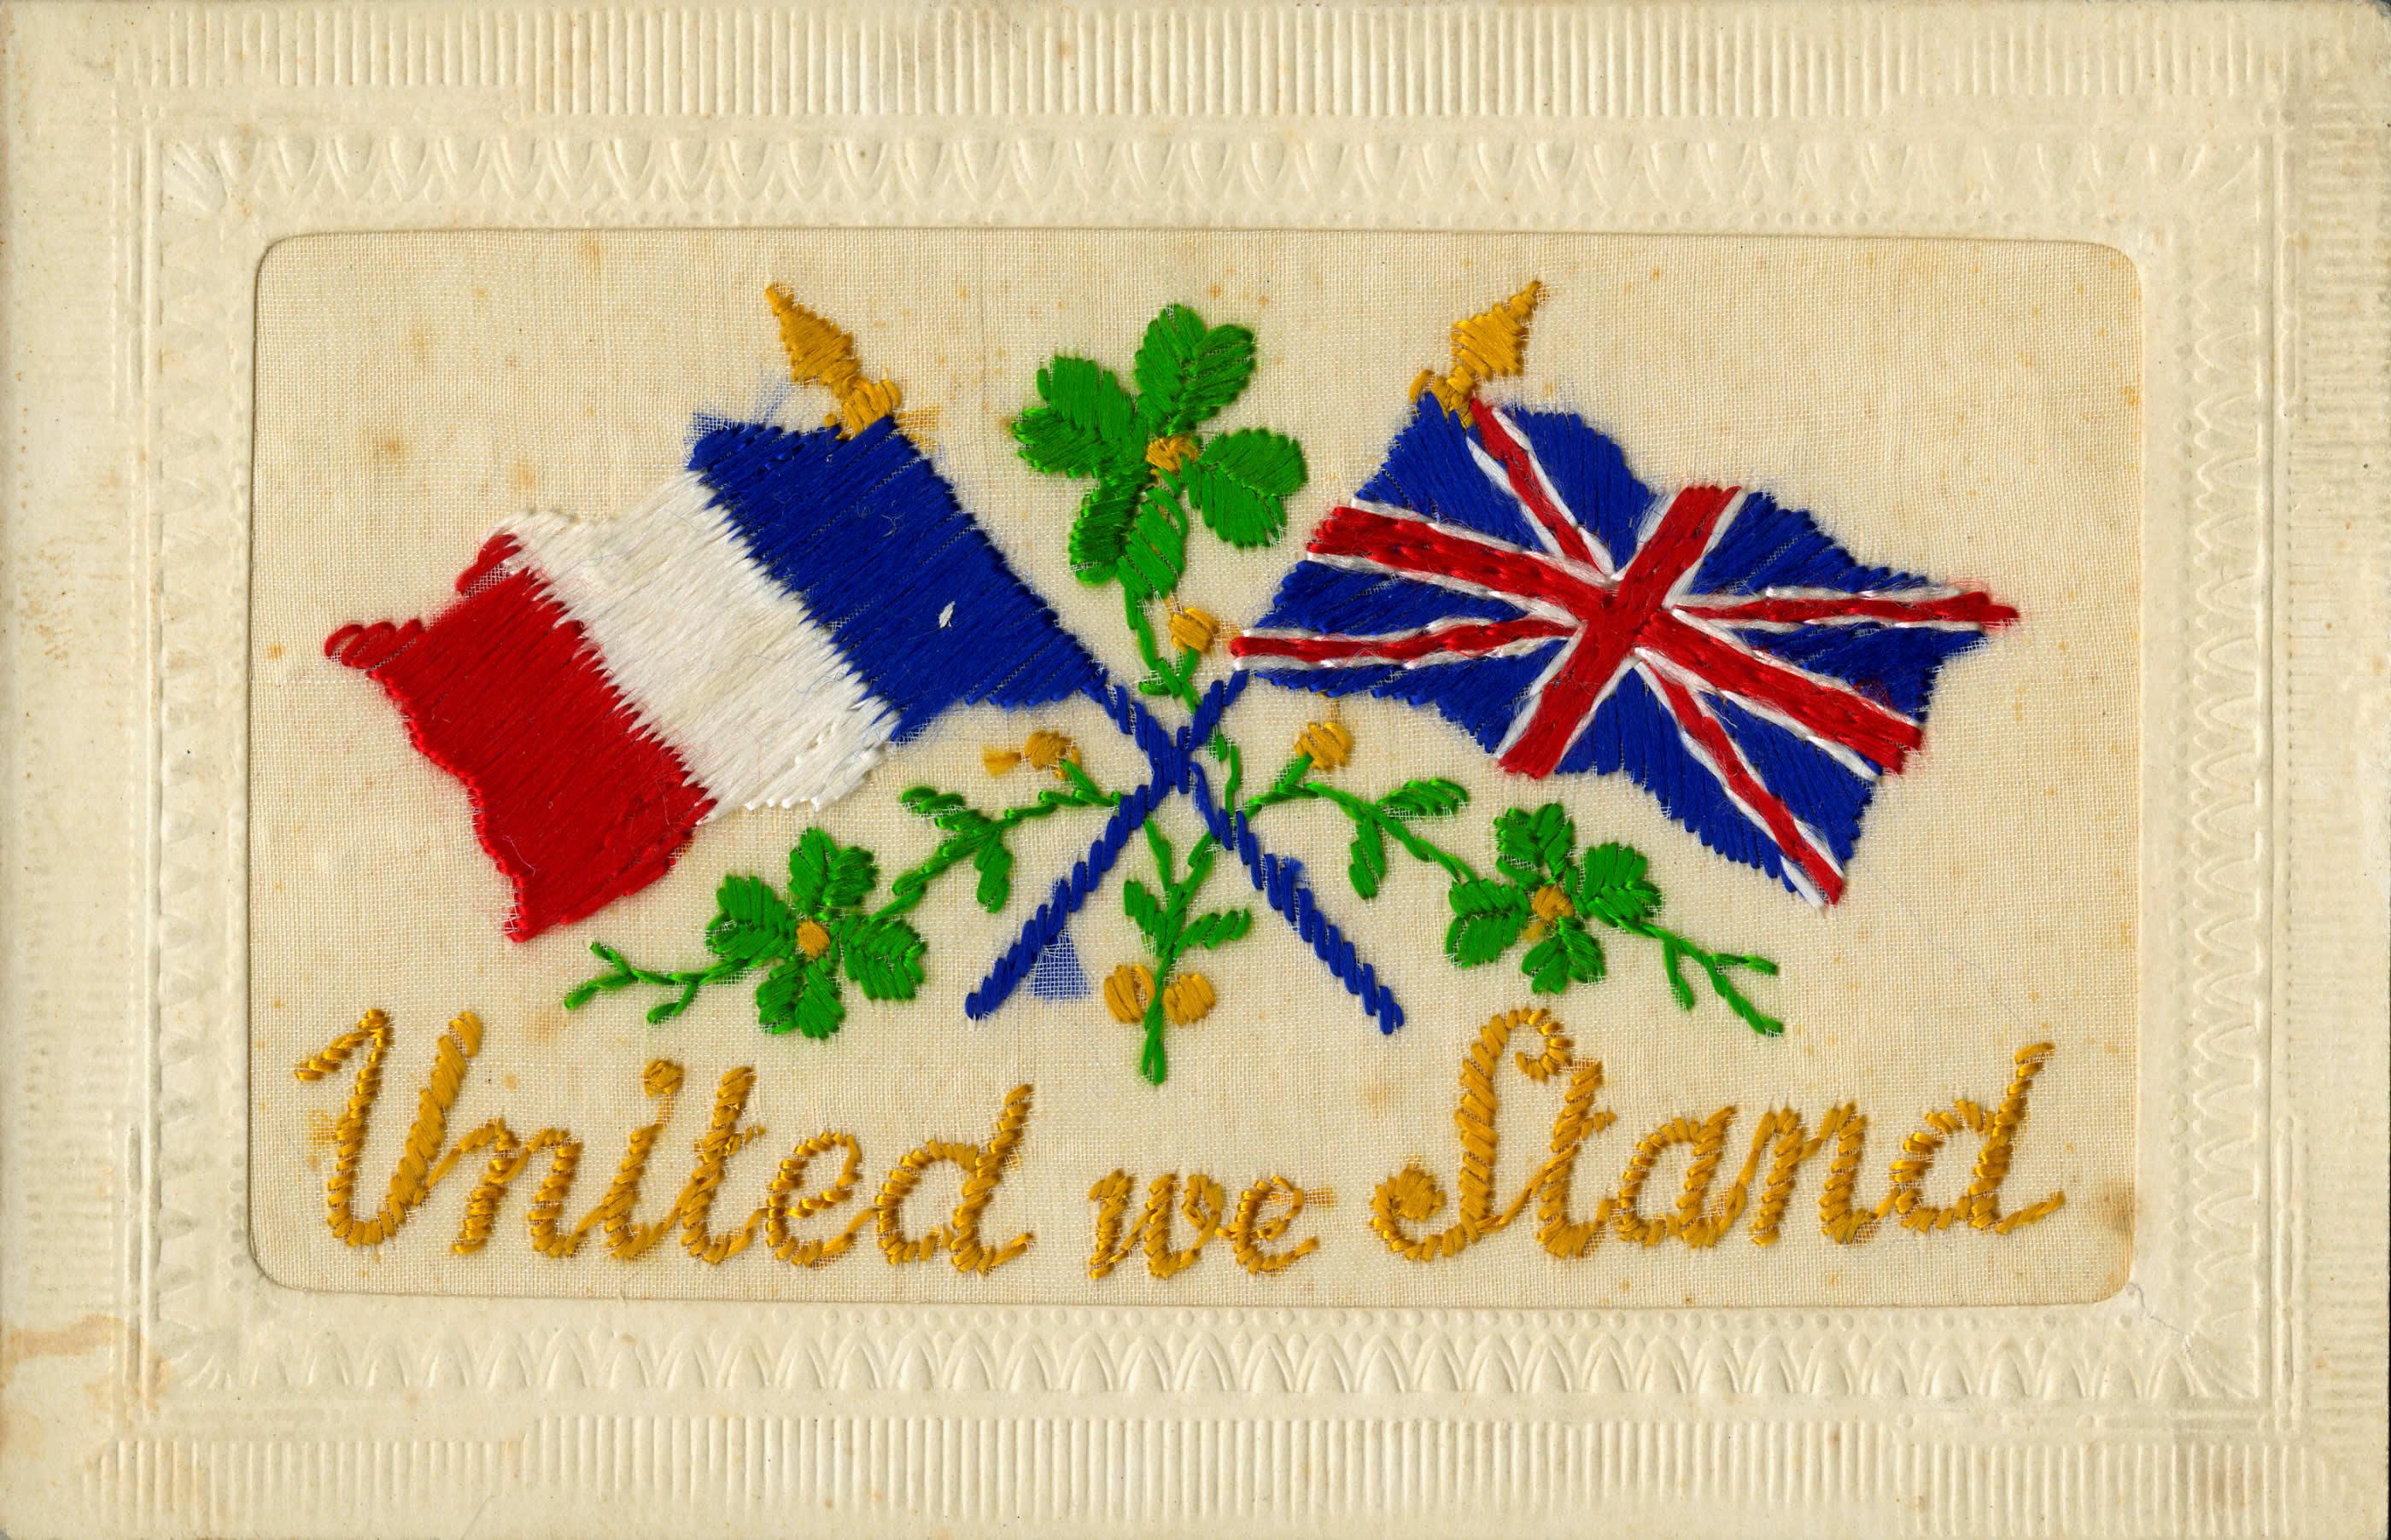 United we Stand (L'union fait la force)